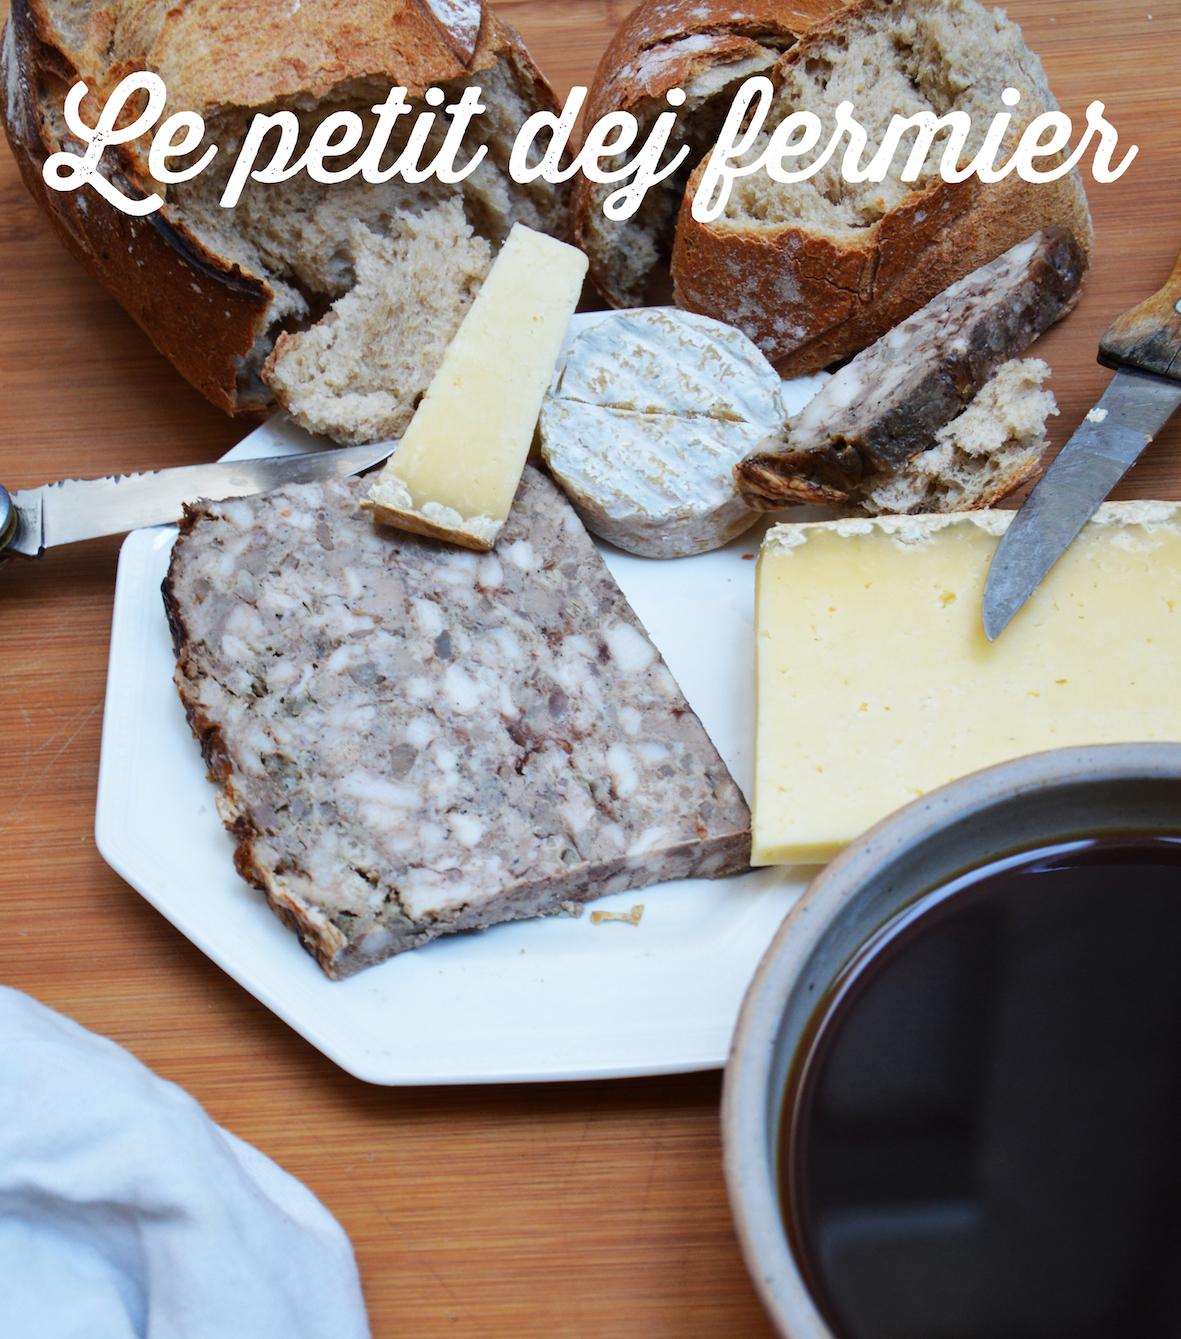 Petit_dej_fermier_v2-1481037744.jpg